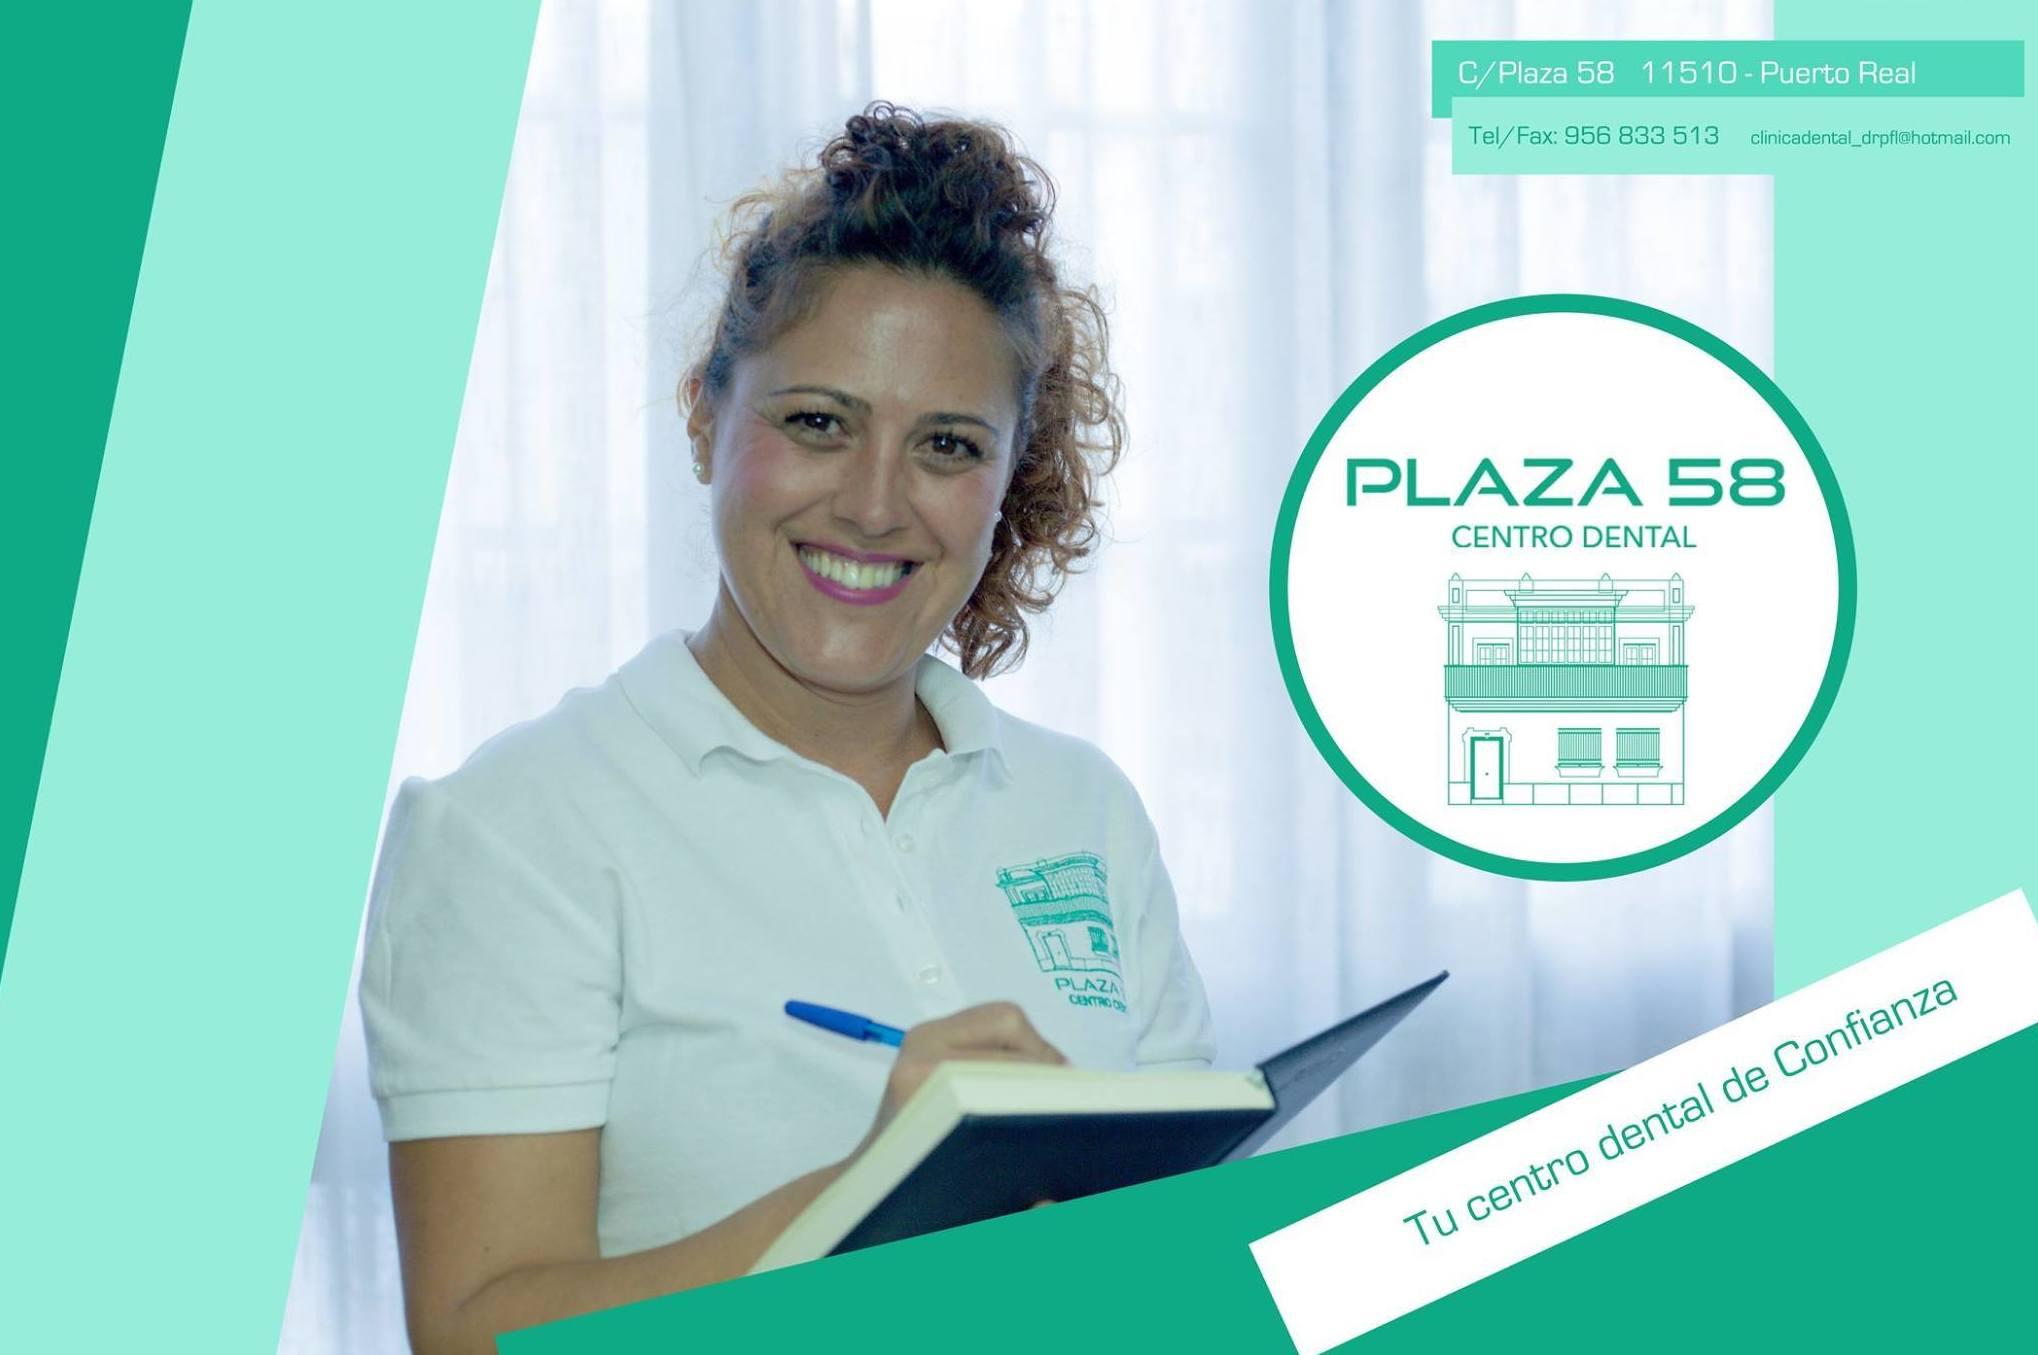 Foto 3 de Dentistas en Puerto Real | Clínica Dental Plaza 58 (Dr. Pedro Fernández Lorente)